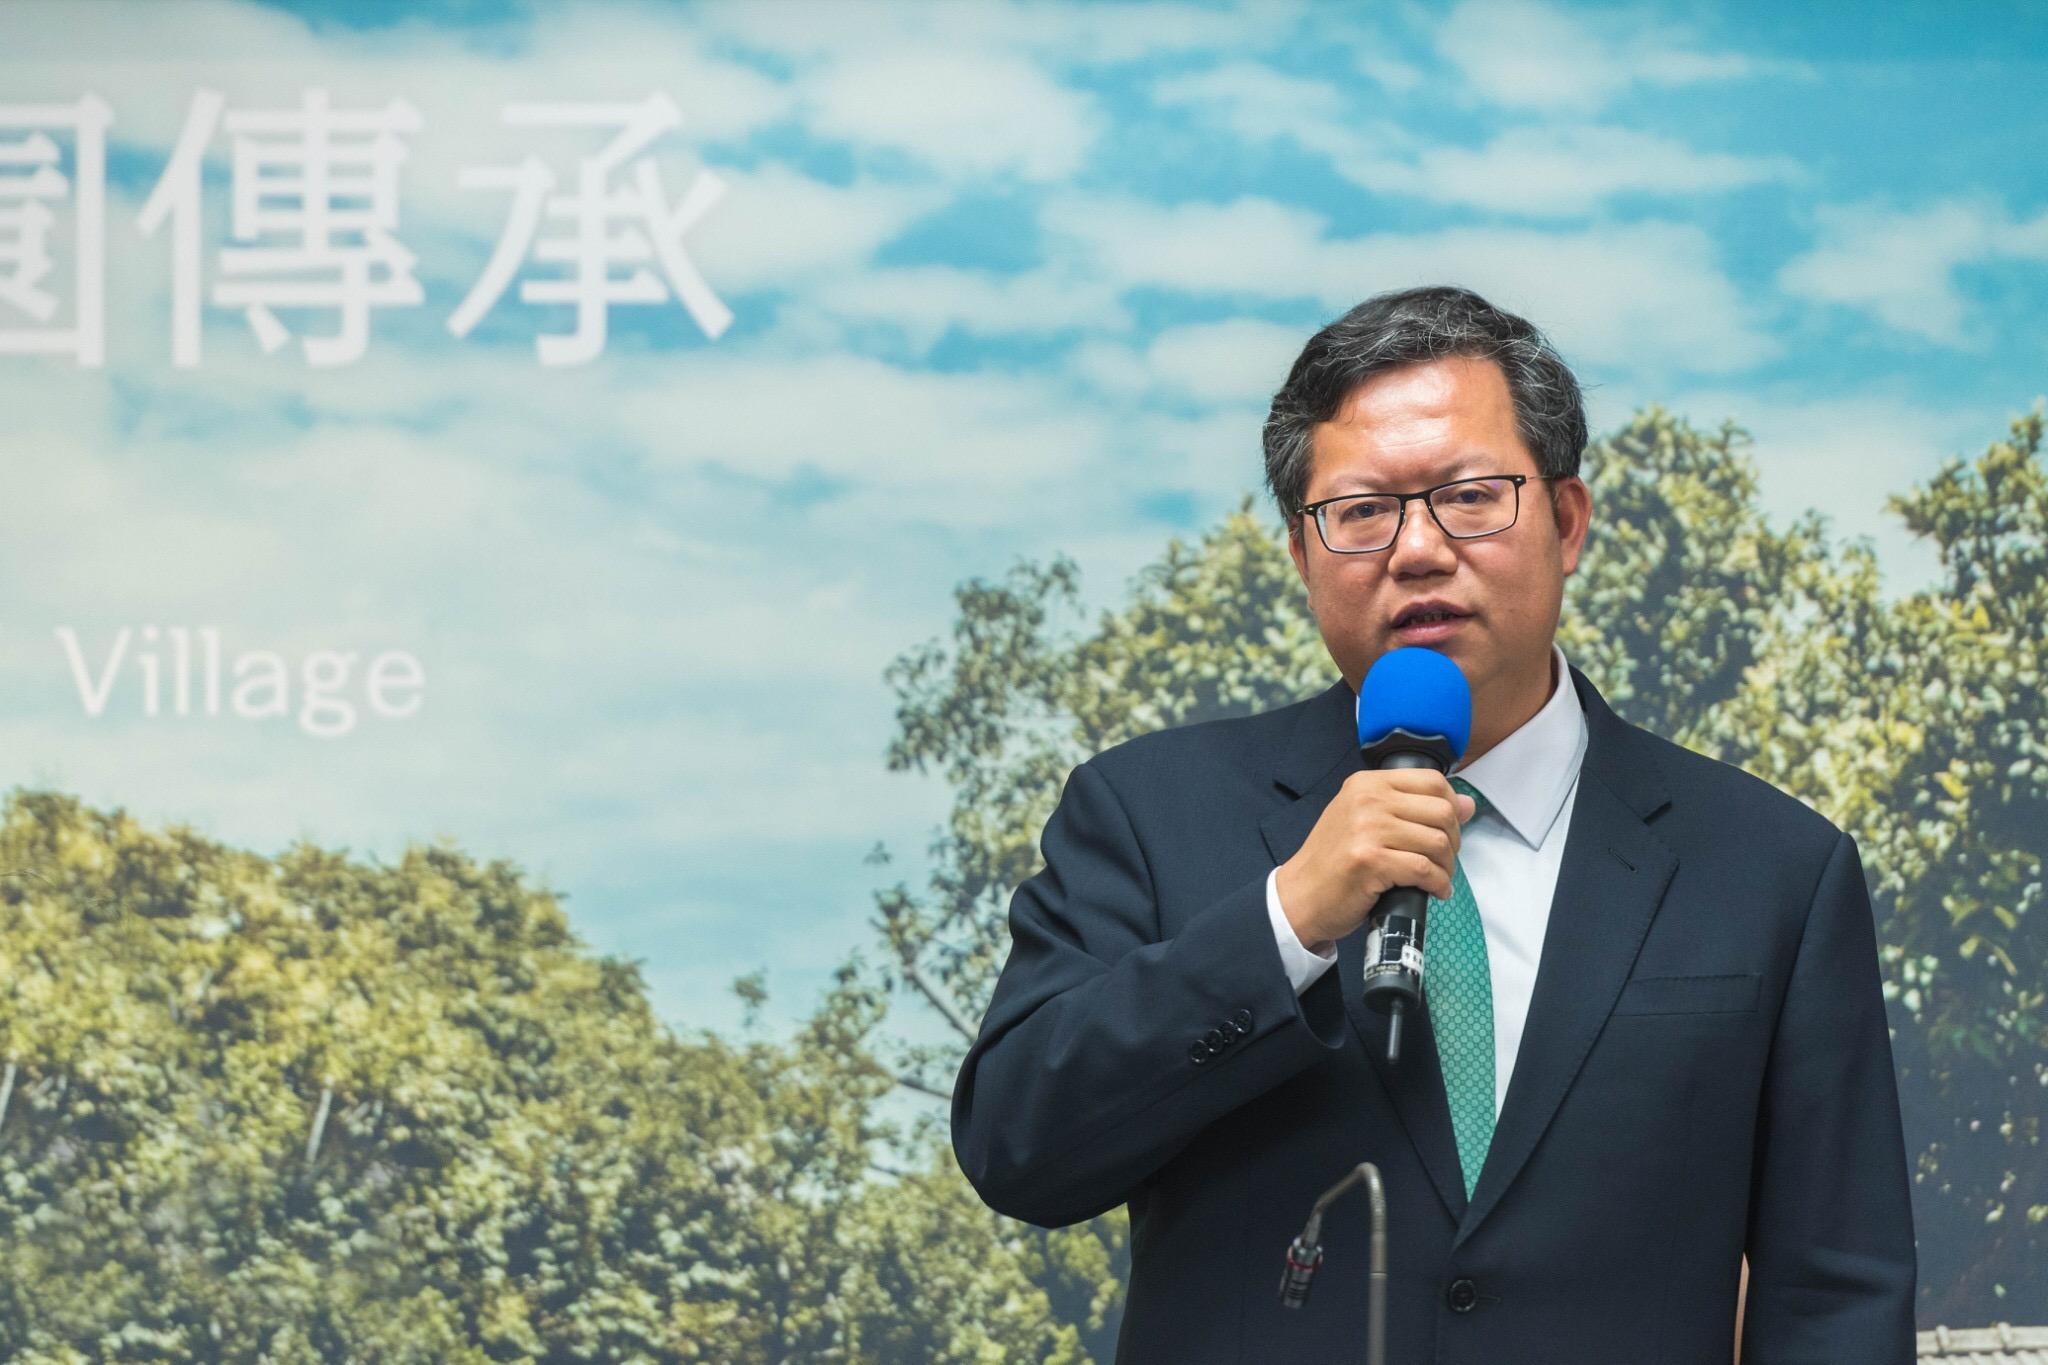 鄭市長致詞表示,將設置桃園劍道館,推廣劍道運動